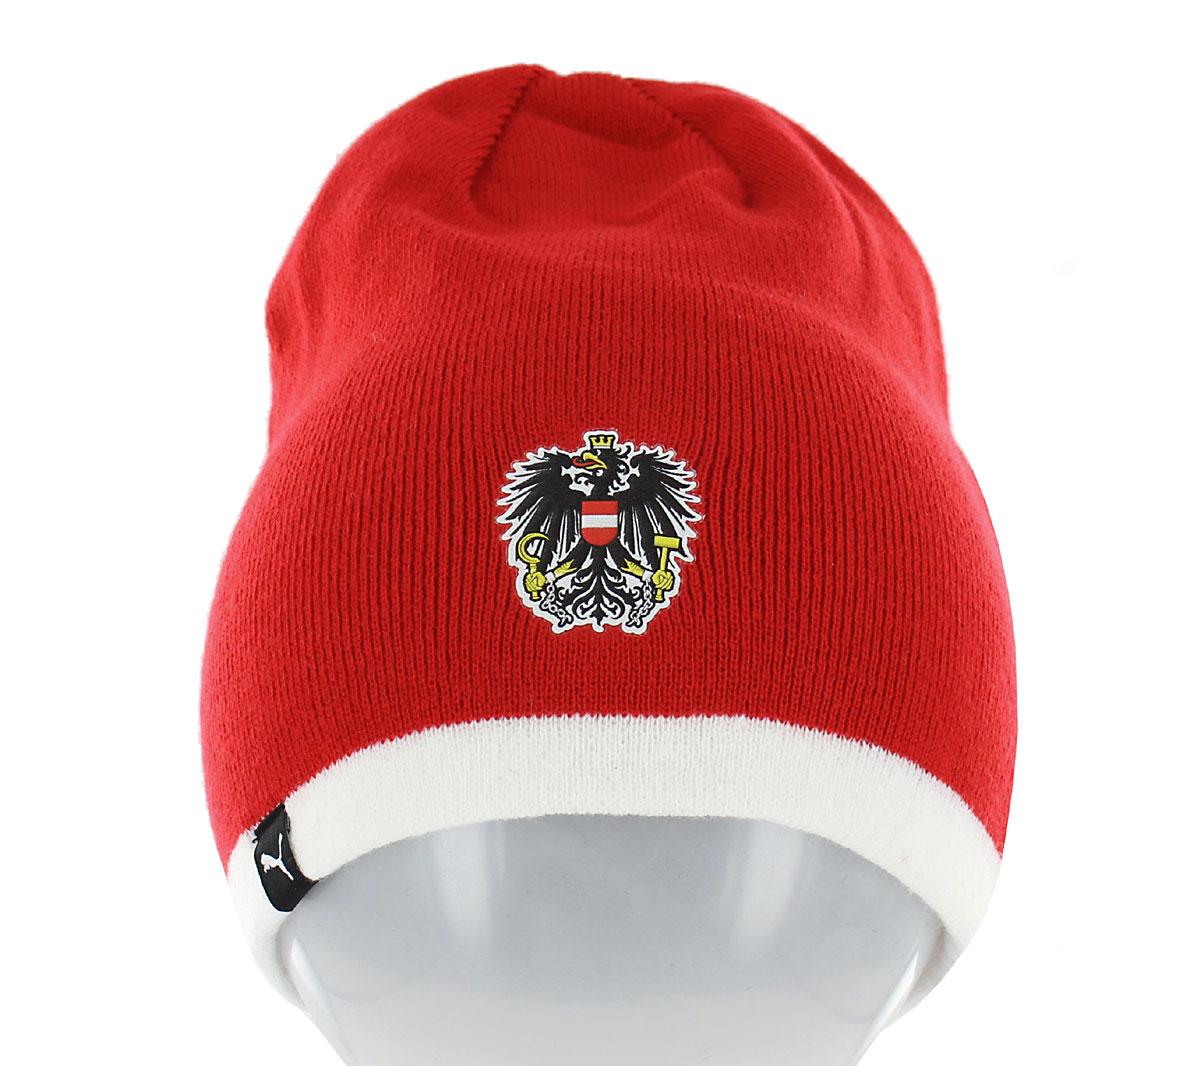 Dettagli su Puma Beanie Inverno Berretto Cappello Uomo Donna Calcio Austria Italia Nuovo